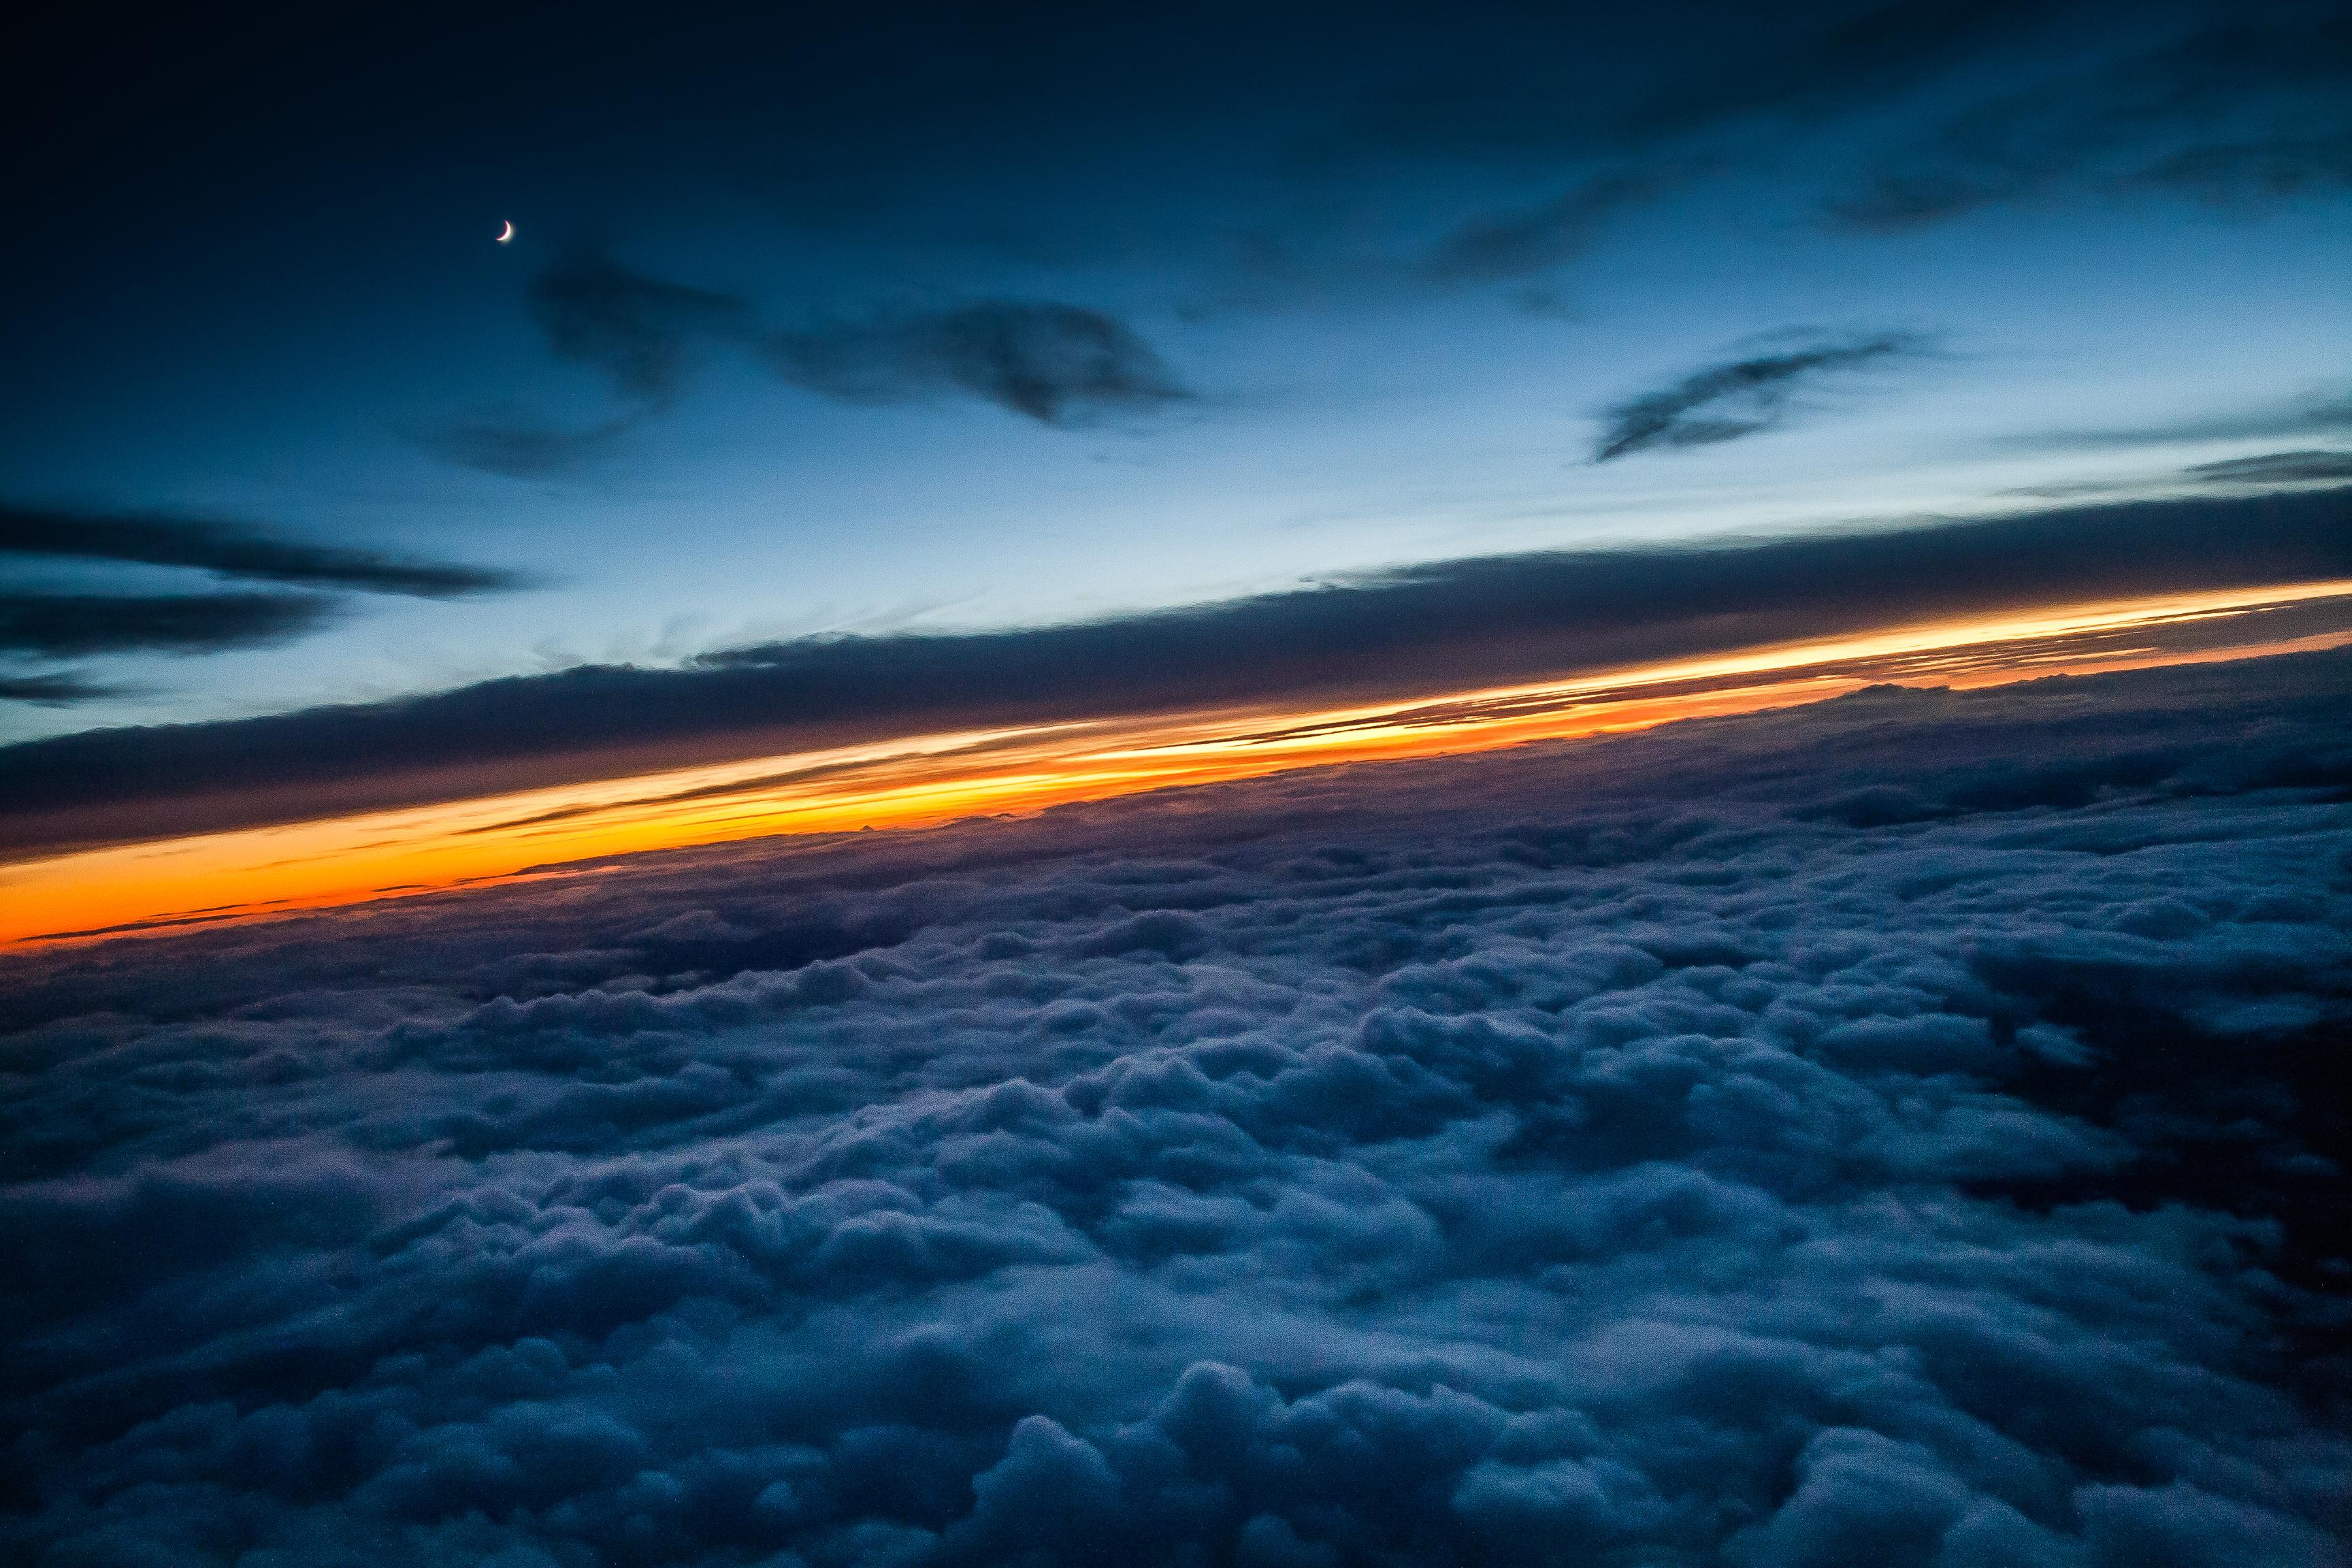 Encima de las nubes - 3456x2304